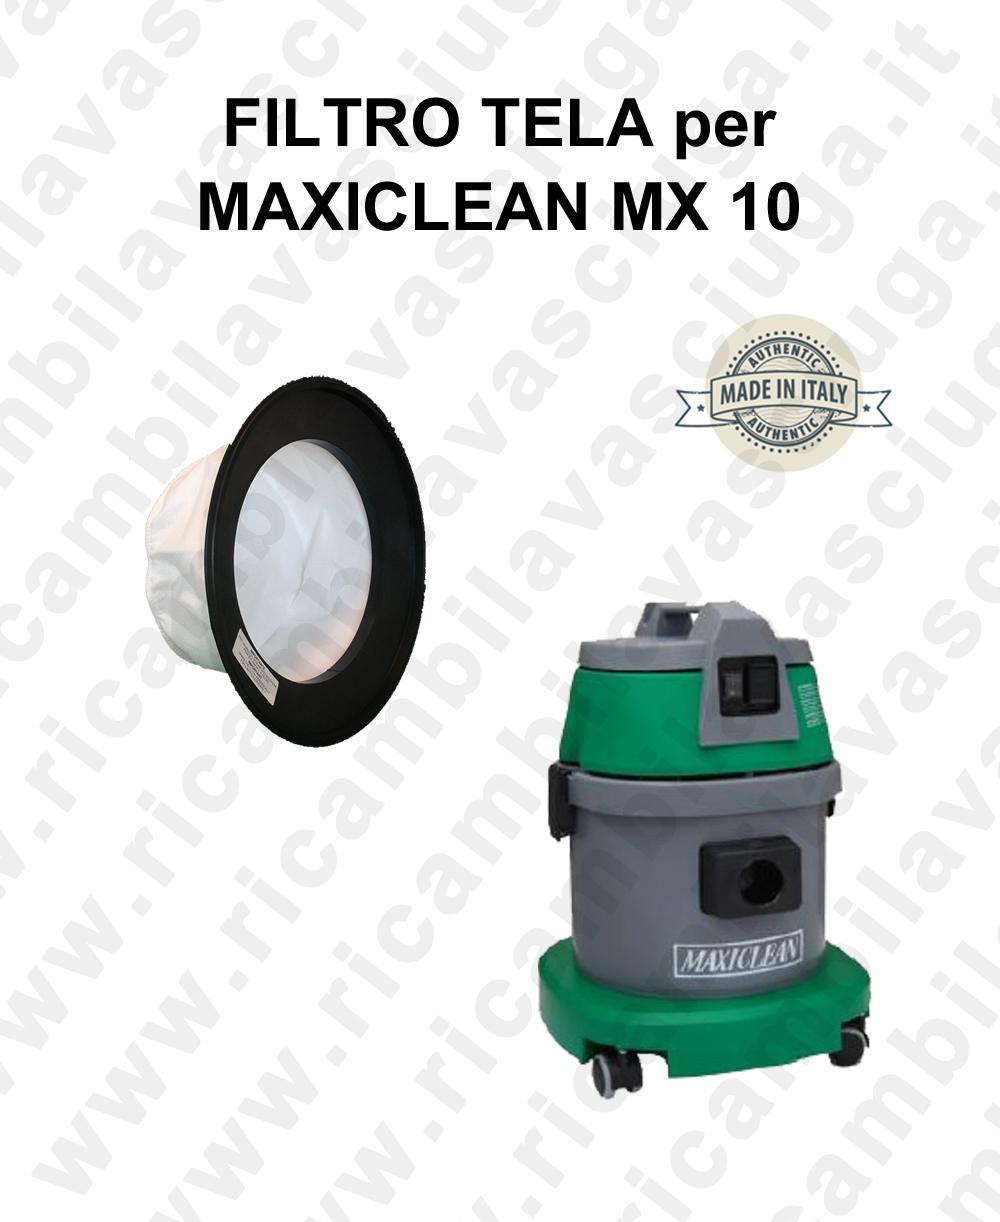 Filtro de tela para aspiradora MAXICLEAN Model MX 10